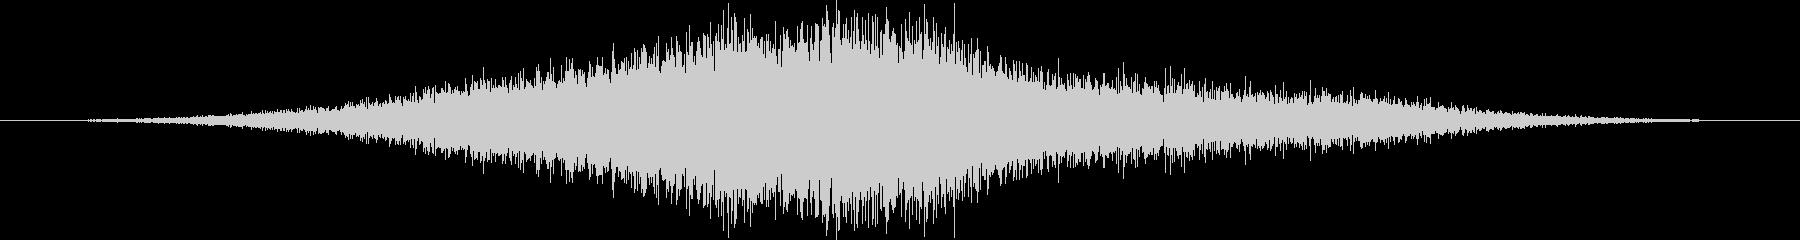 シボレーカマロ:内線:低速で通過の未再生の波形